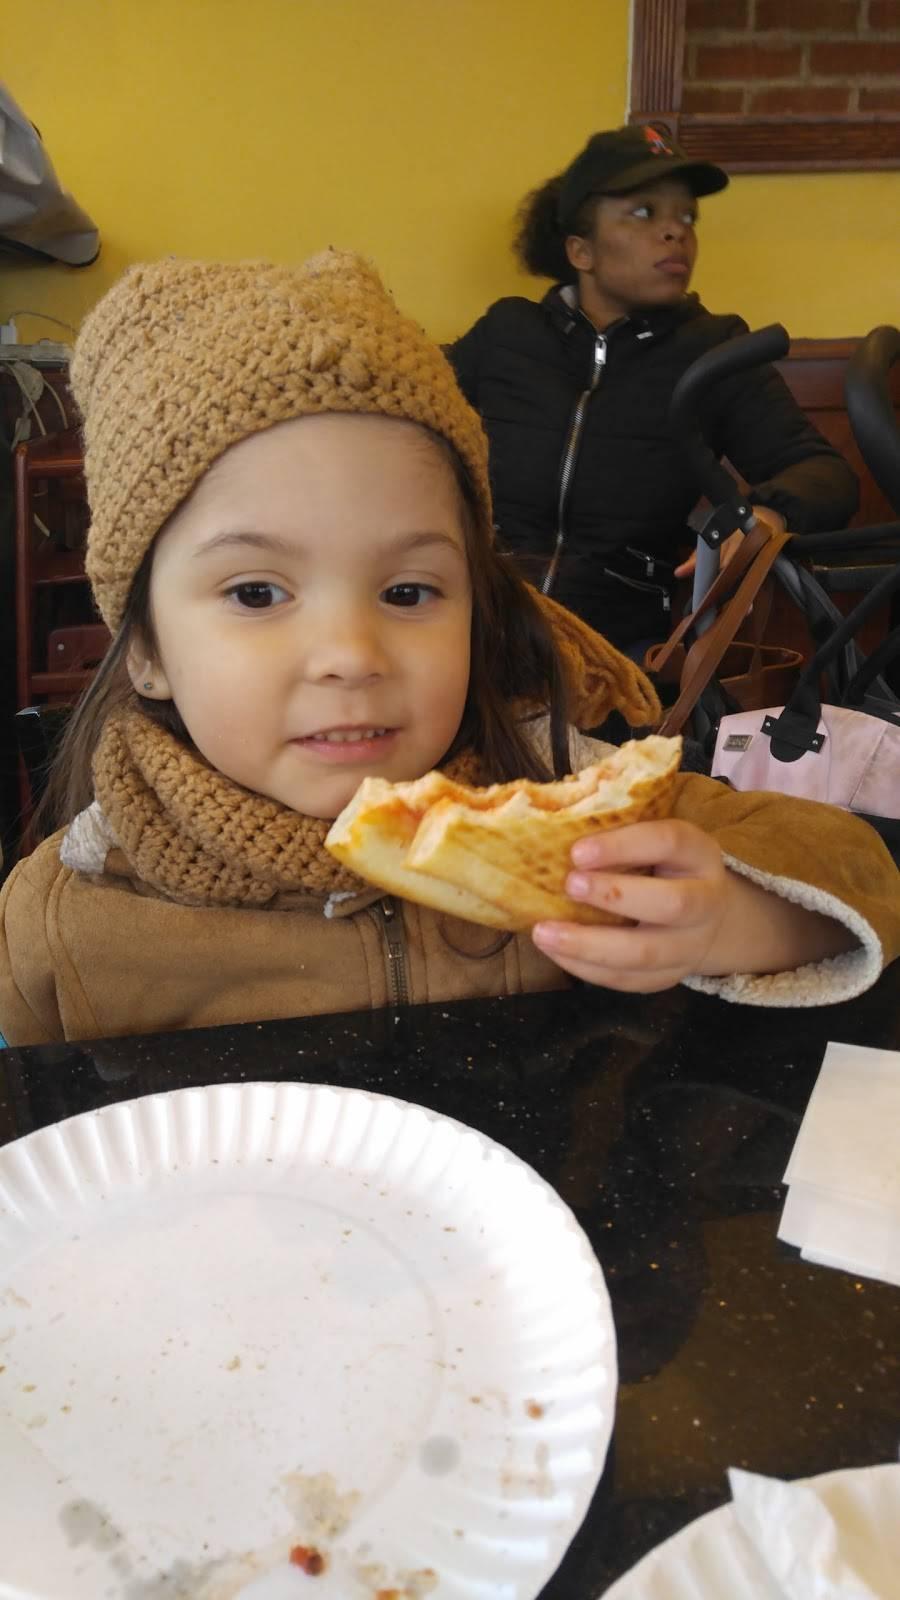 Pregos Pizza | restaurant | 1011 Mace Ave, Bronx, NY 10469, USA | 7184055111 OR +1 718-405-5111